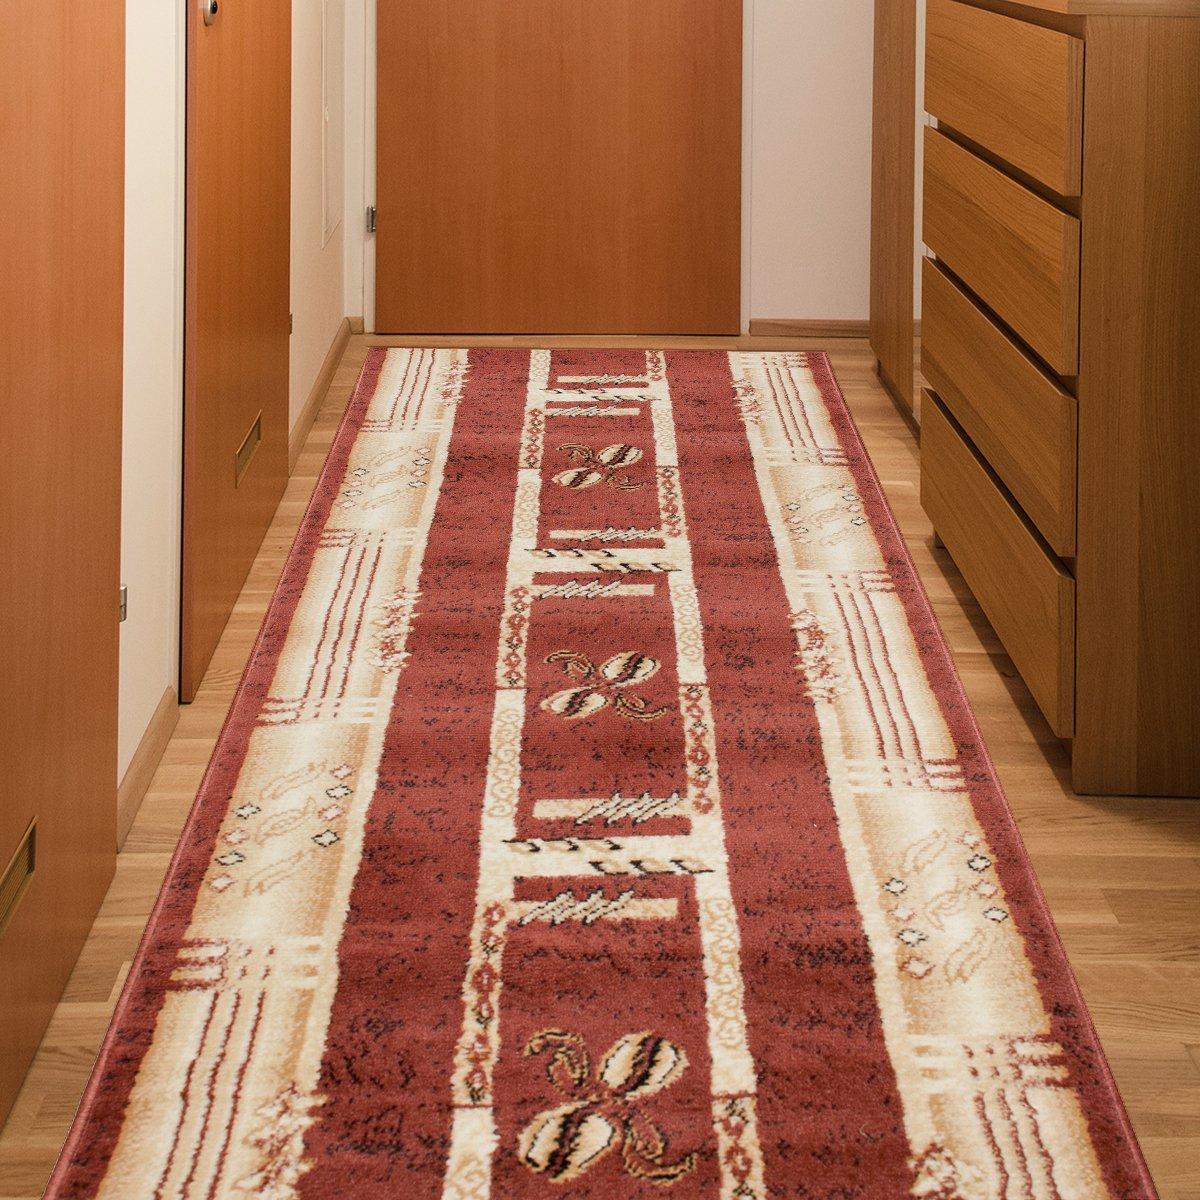 Tapiso Atlas Läufer Flur Kurzflor Teppich Küche Wohnzimmer Viereck Streifen Kaffee Retro Abstrakt Muster Braun Beige Meliert ÖKOTEX 80 x 450 cm